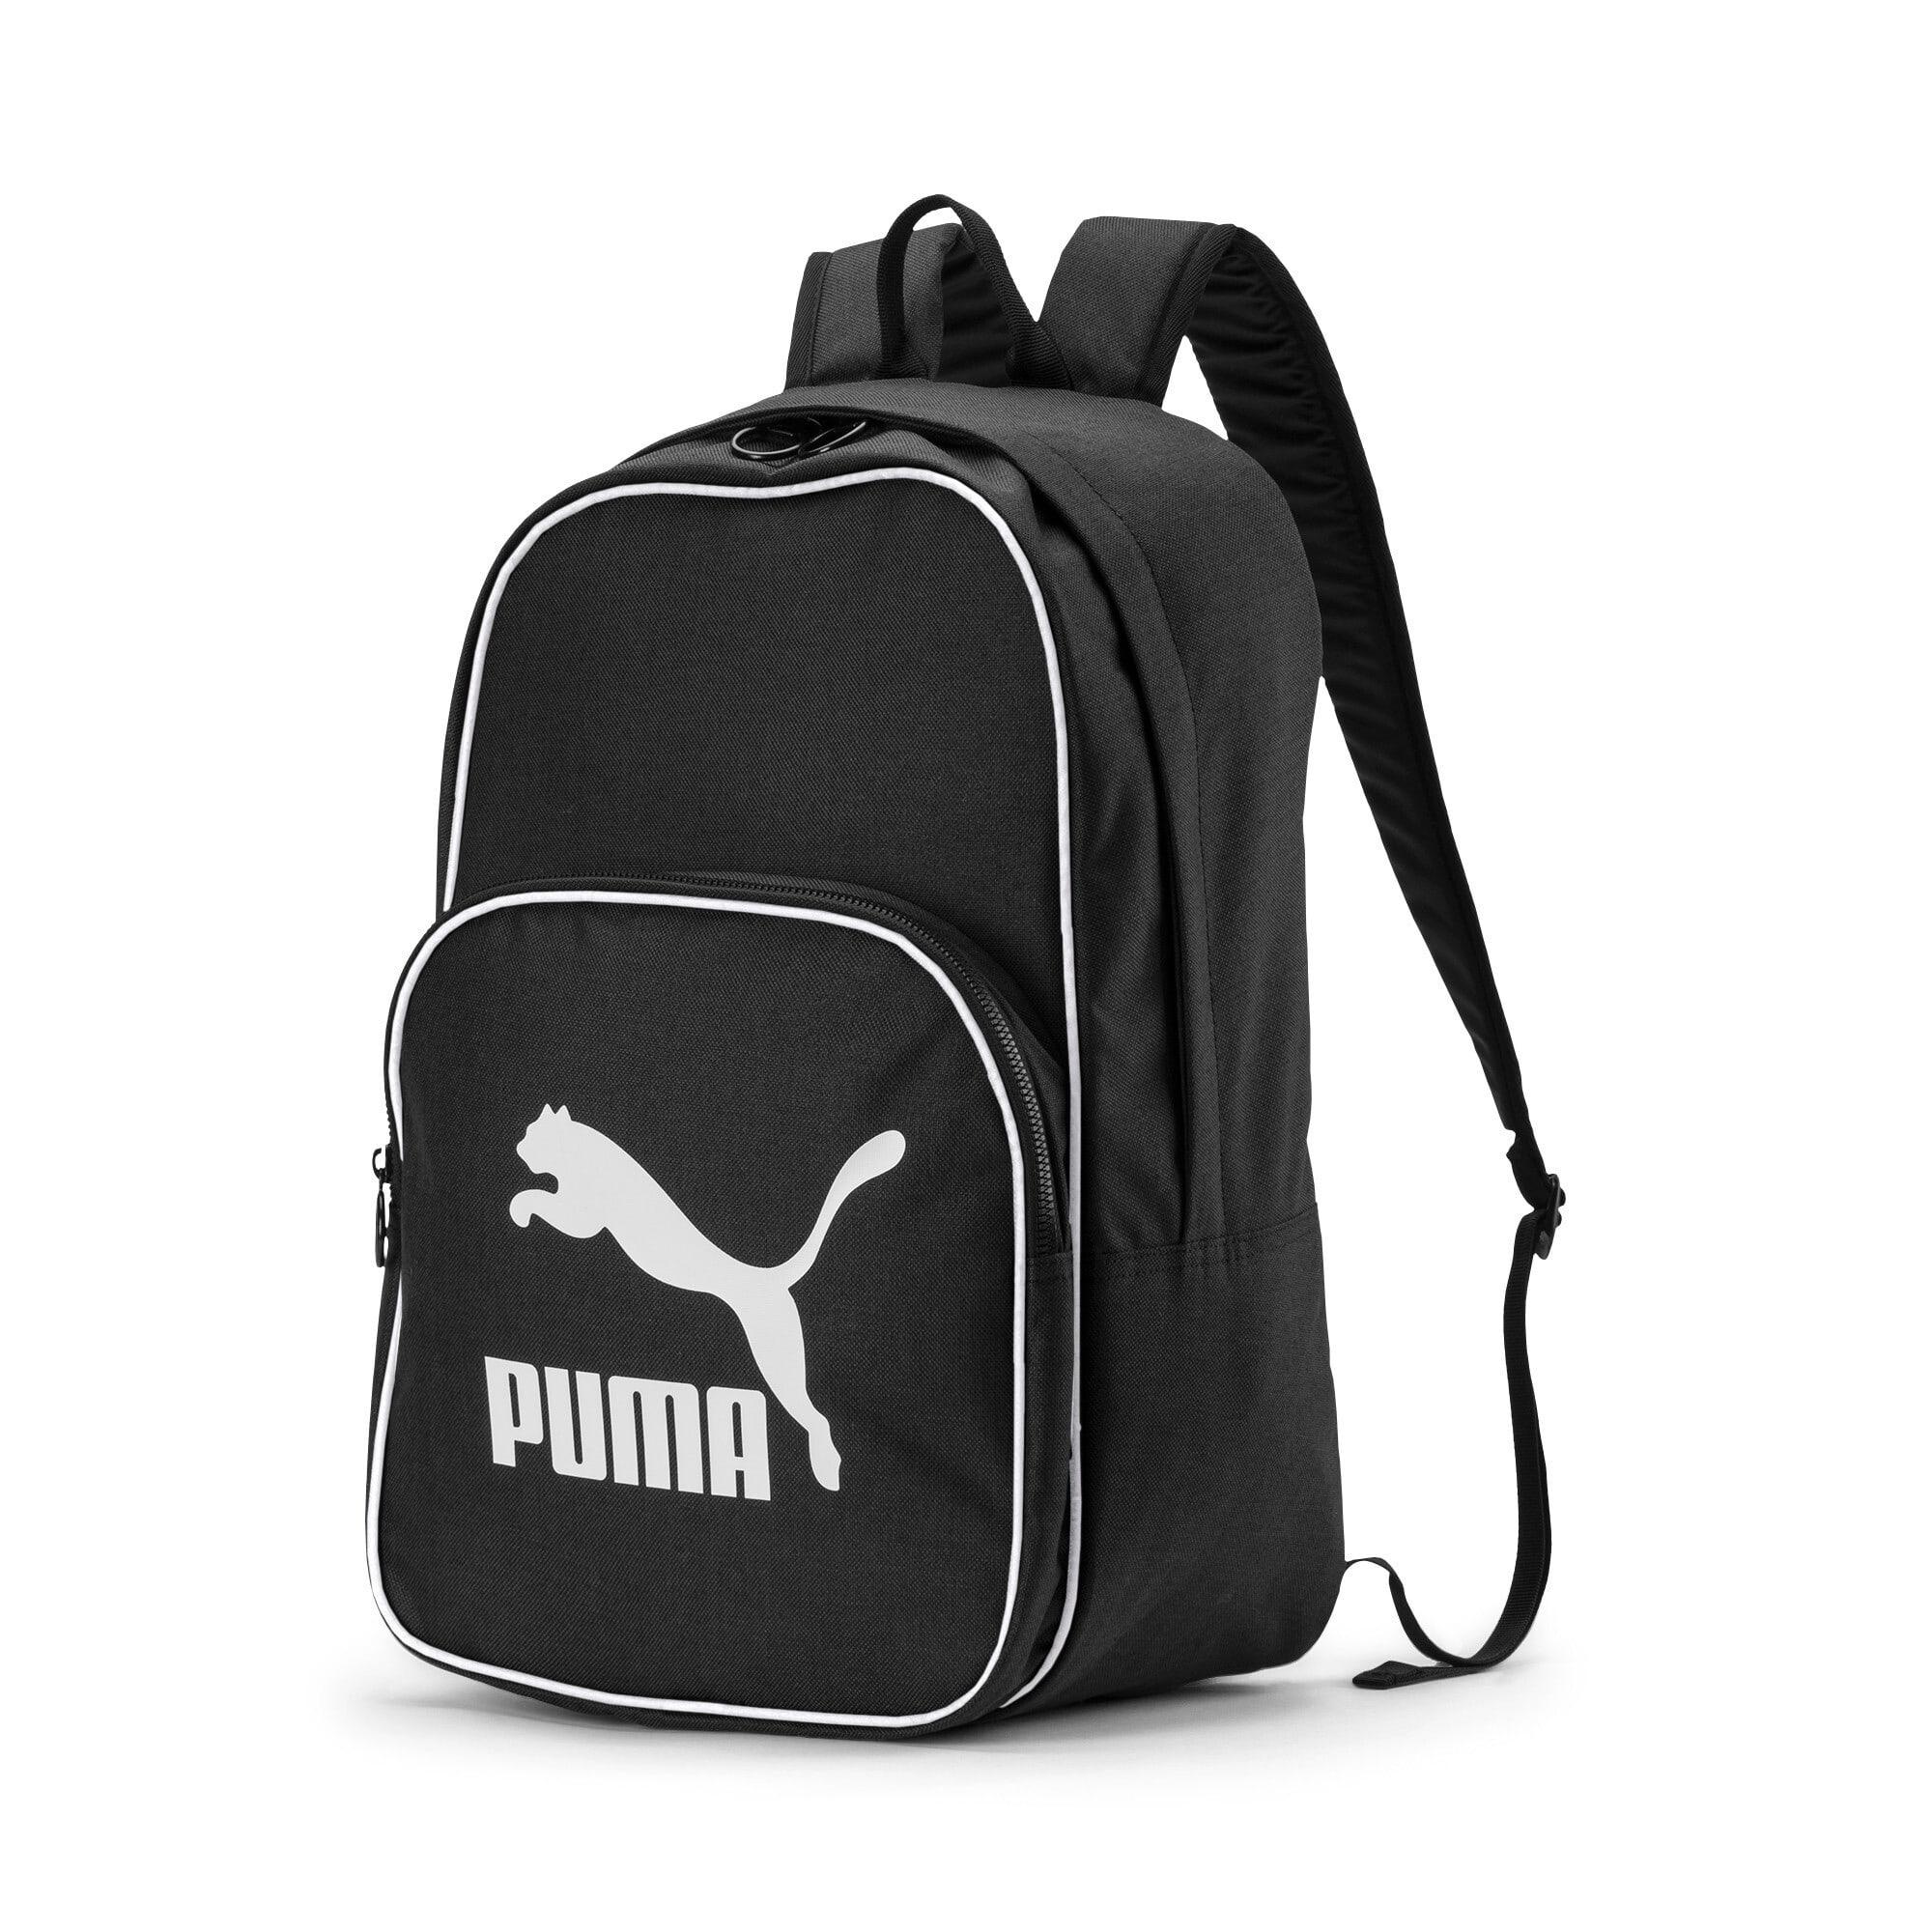 Thumbnail 1 of Originals Retro Woven Backpack, Puma Black, medium